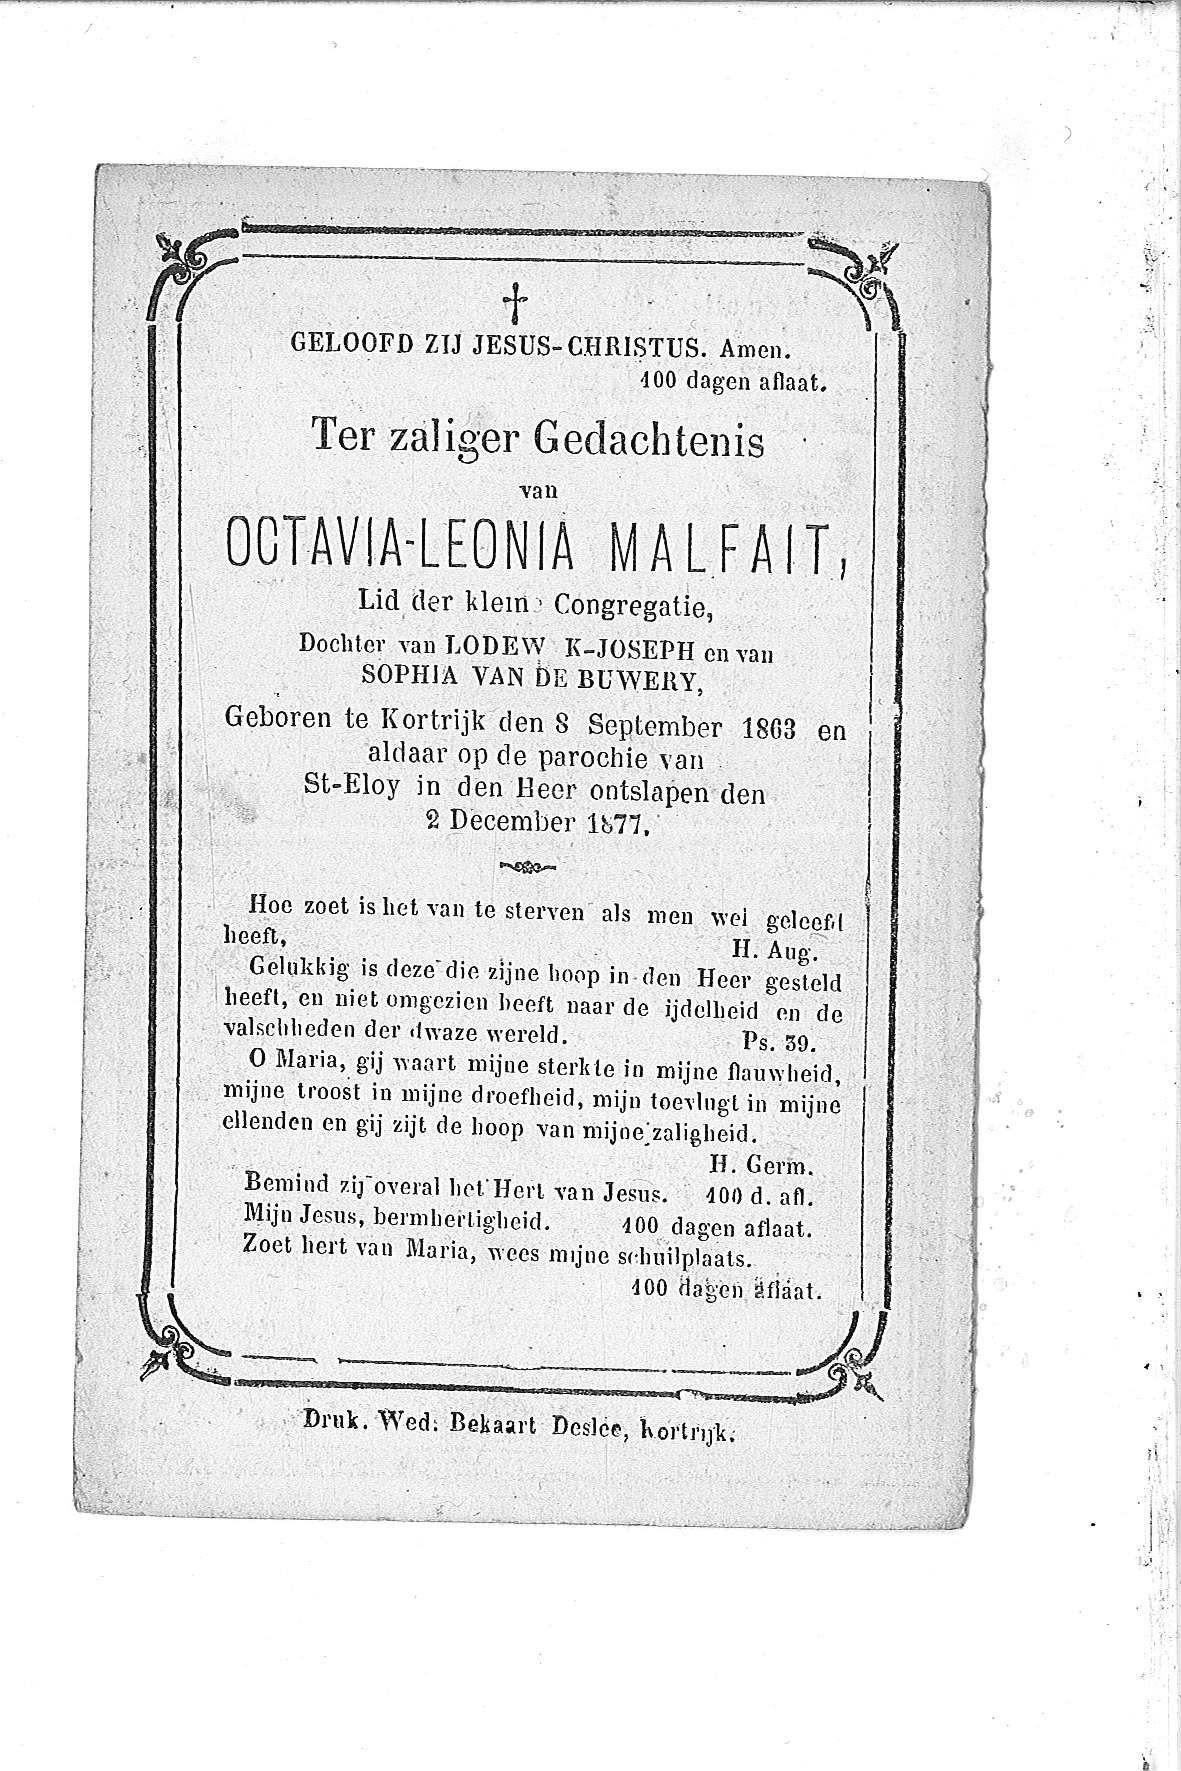 Octavia-Leonia (1877) 20111121154356_00211.jpg